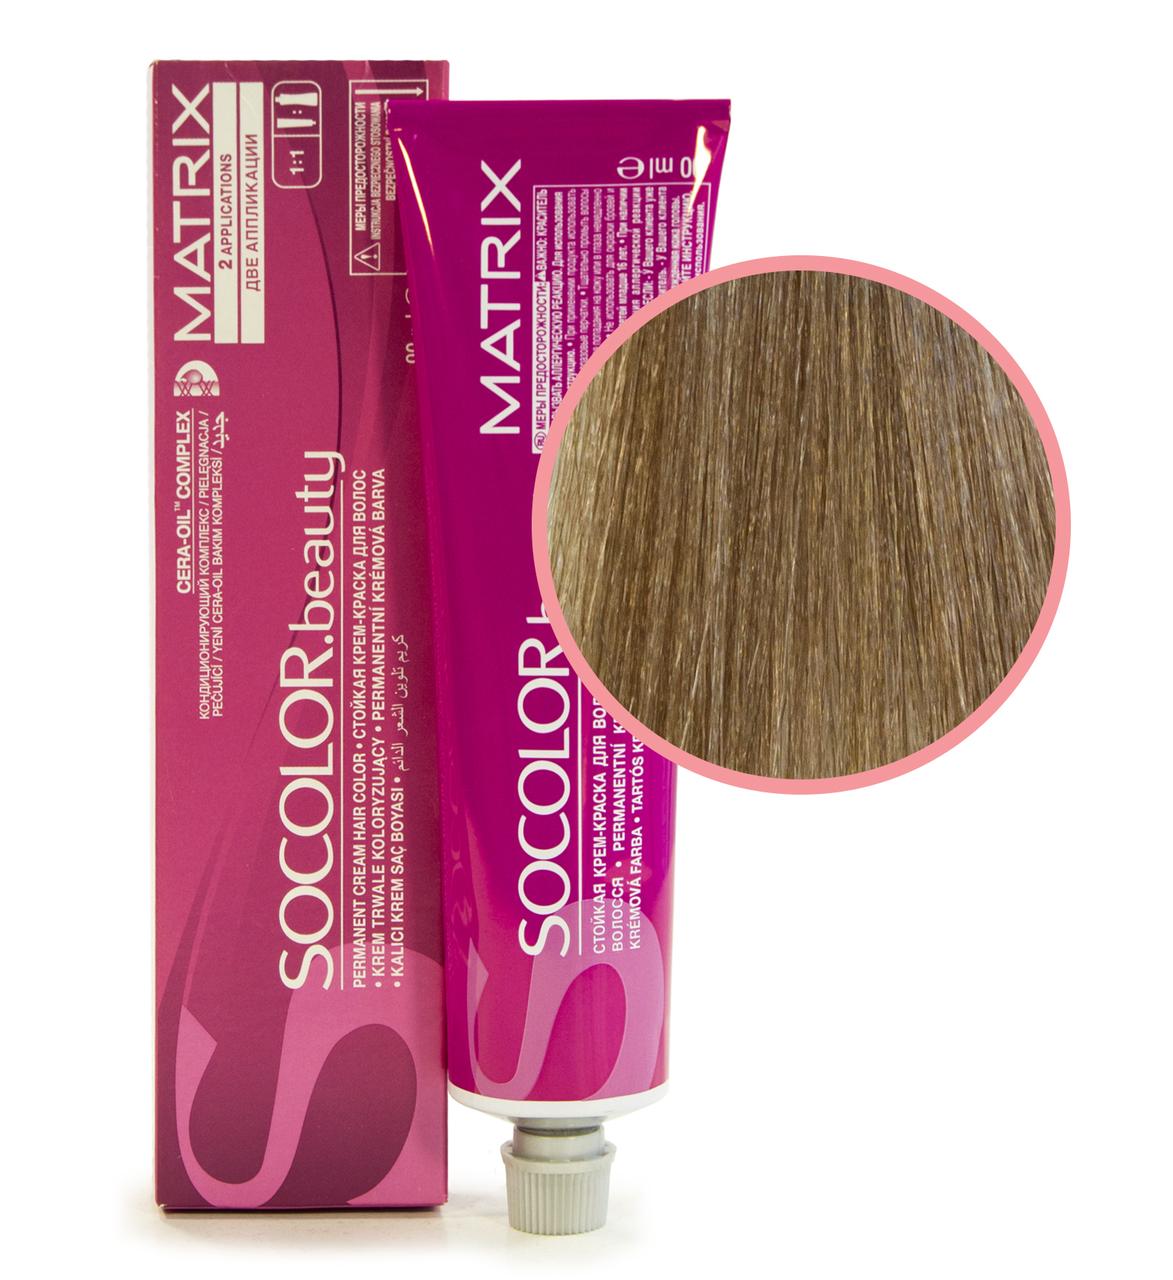 Matrix Socolor Beauty Стойкая крем-краска для волос 10N очень-очень светлый блондин 90мл